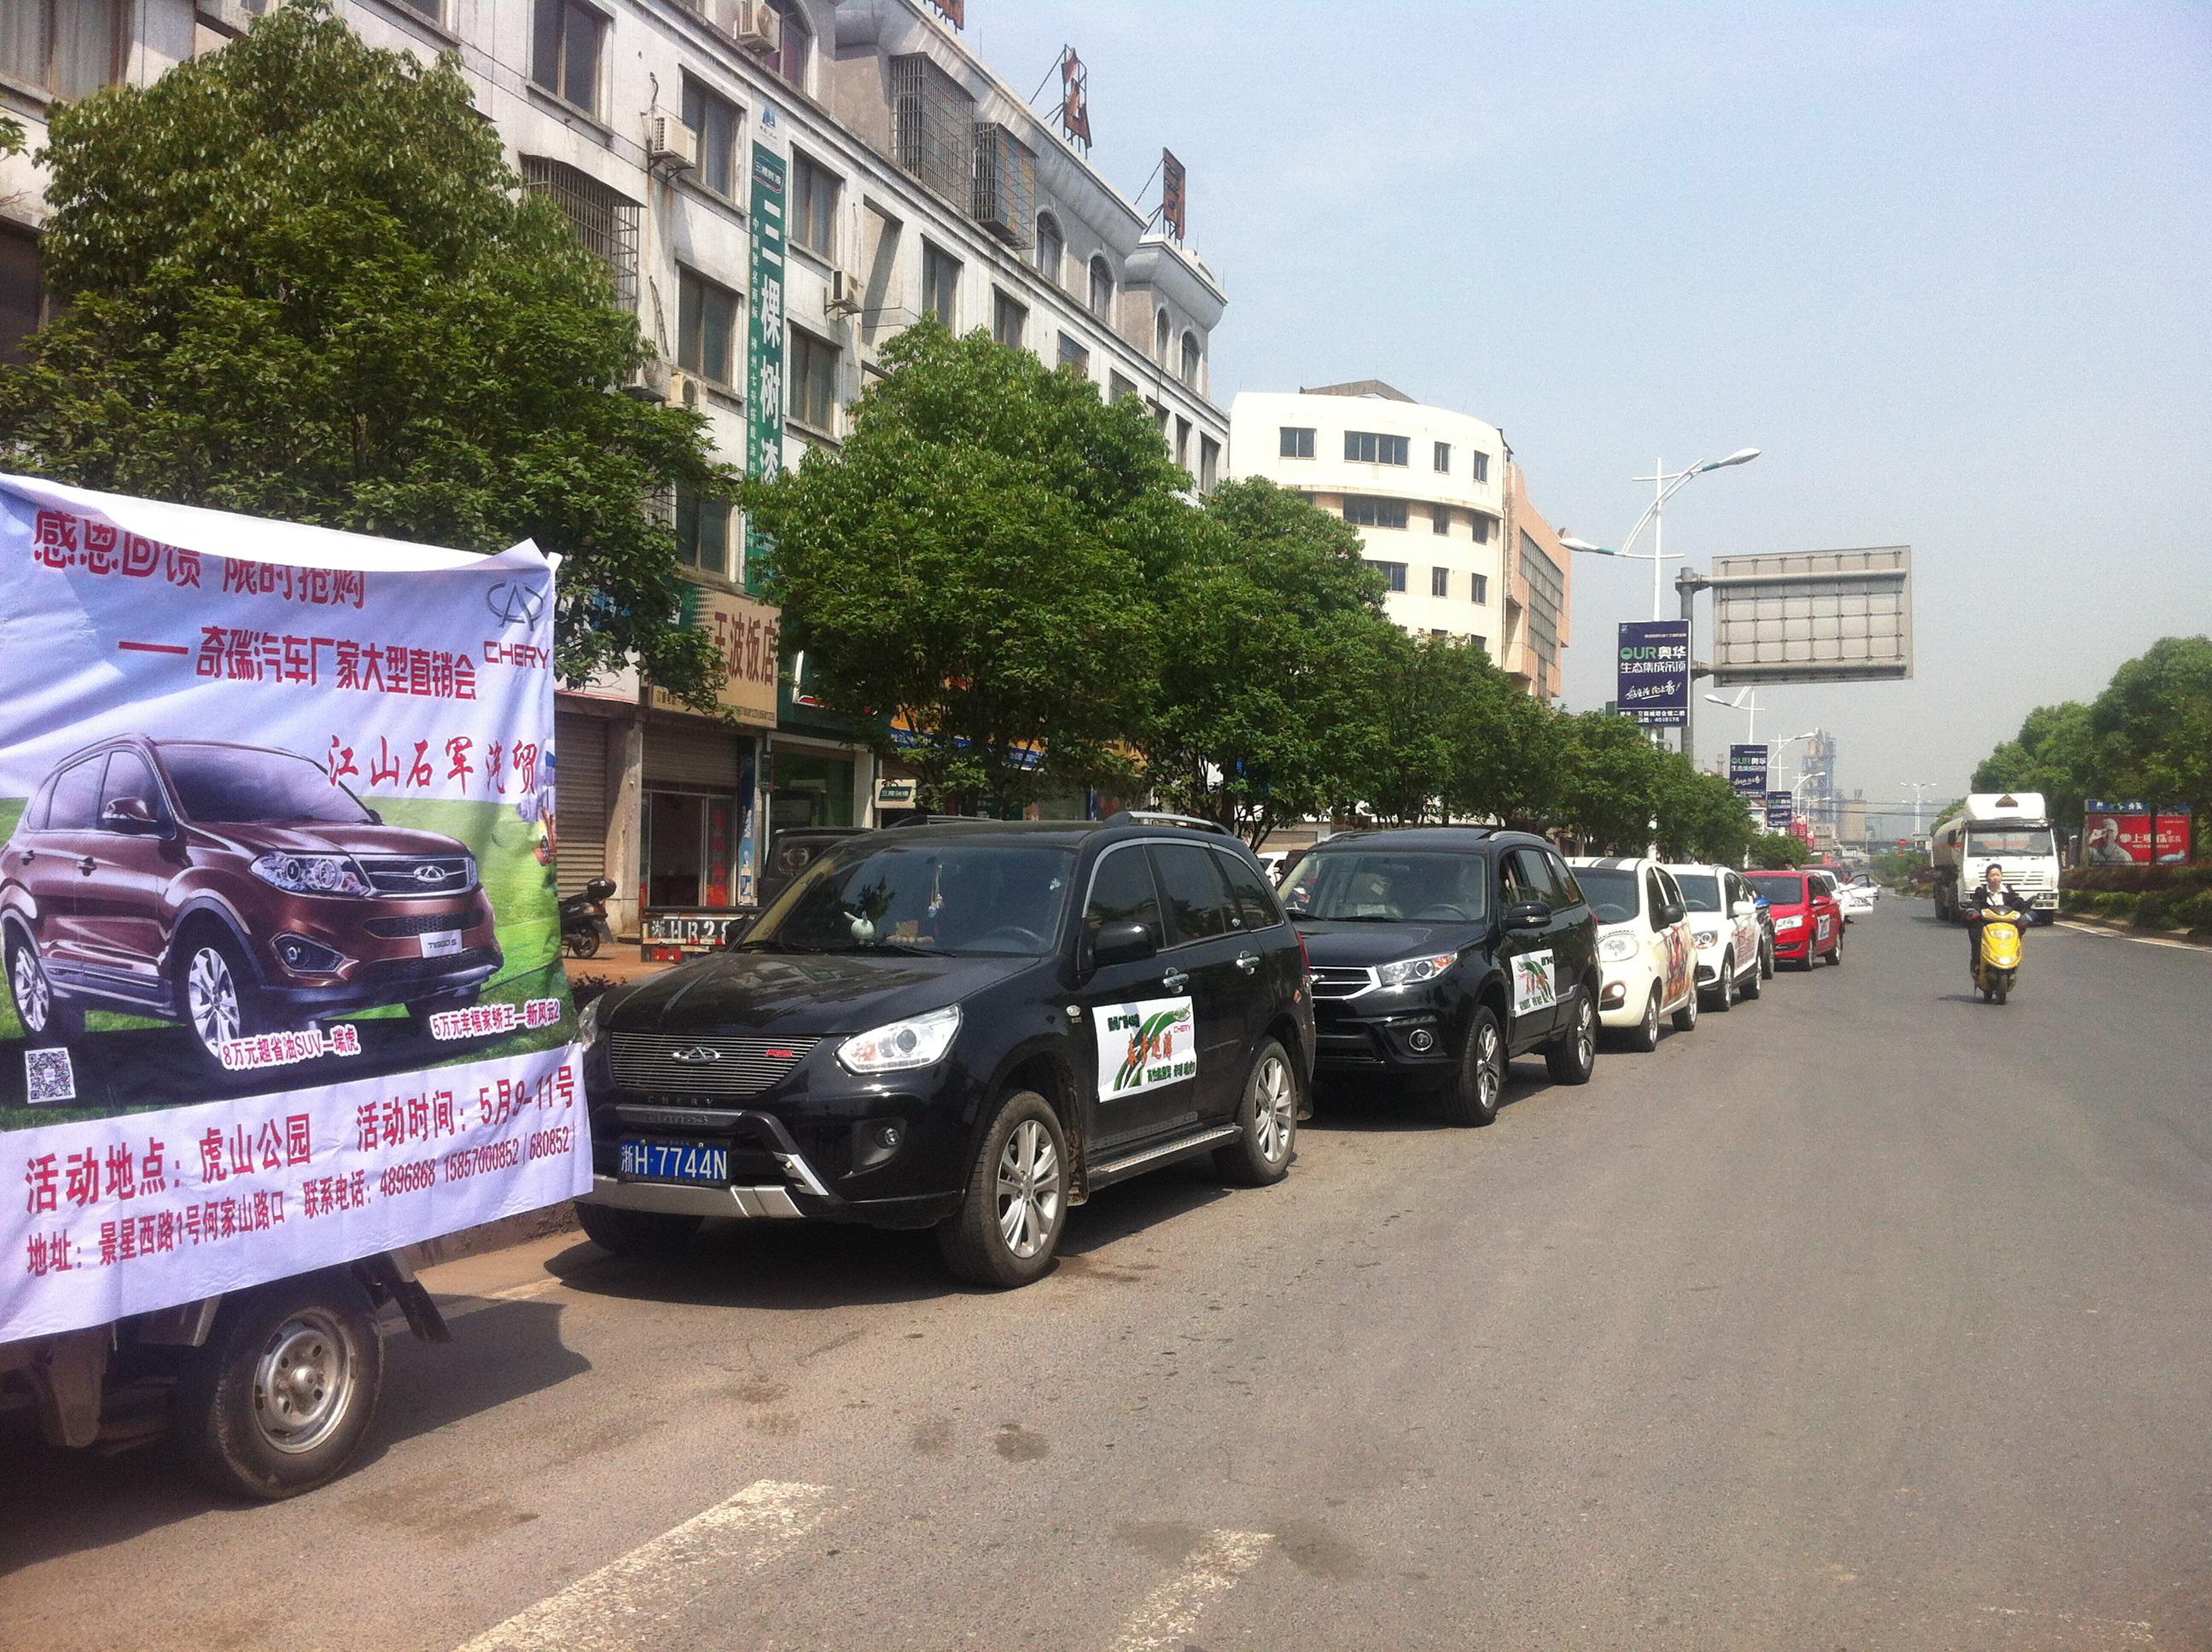 衢州广瑞奇瑞汽车春季巡游开始了高清图片